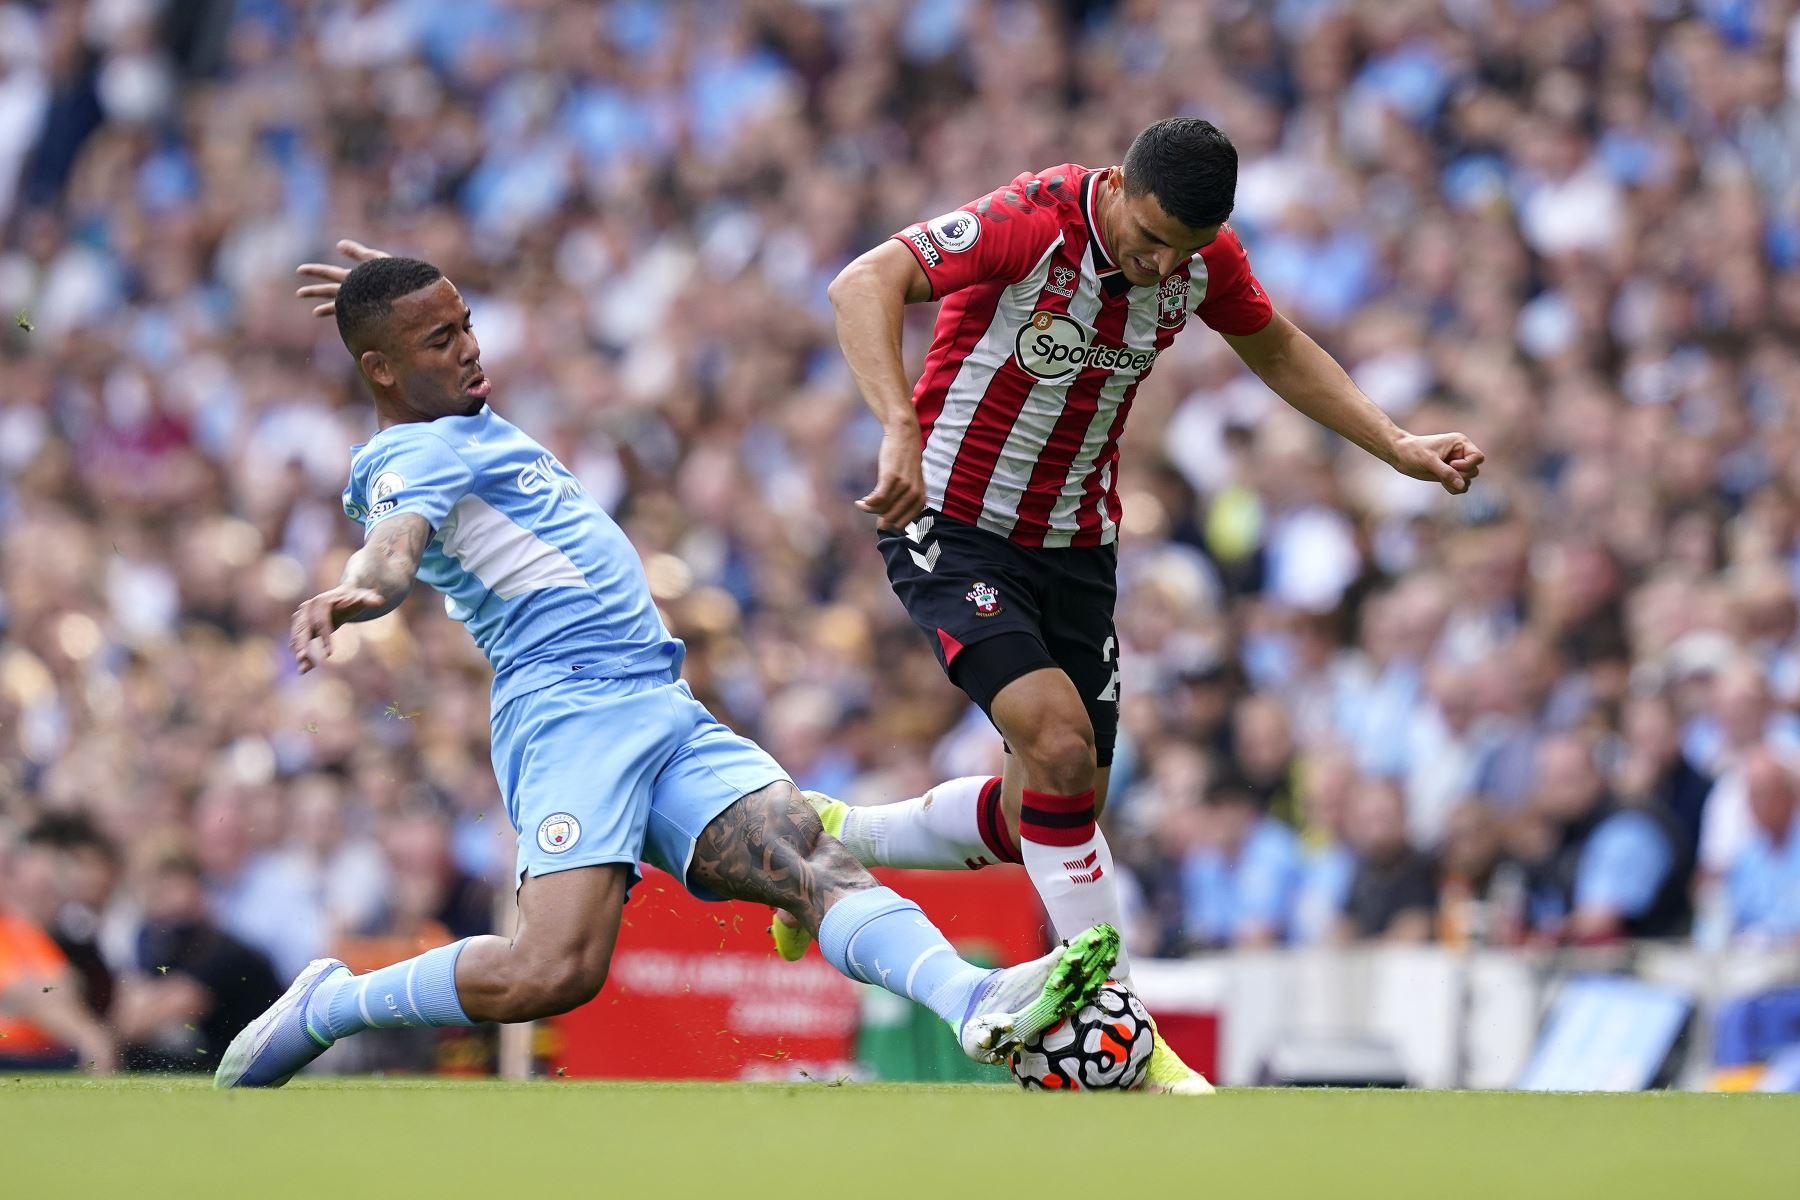 Gabriel Jesus del Manchester City en acción contra Mohamed Elyounoussi de Southampton durante el partido de la Premier League, en Manchester, Gran Bretaña. Foto. EFE